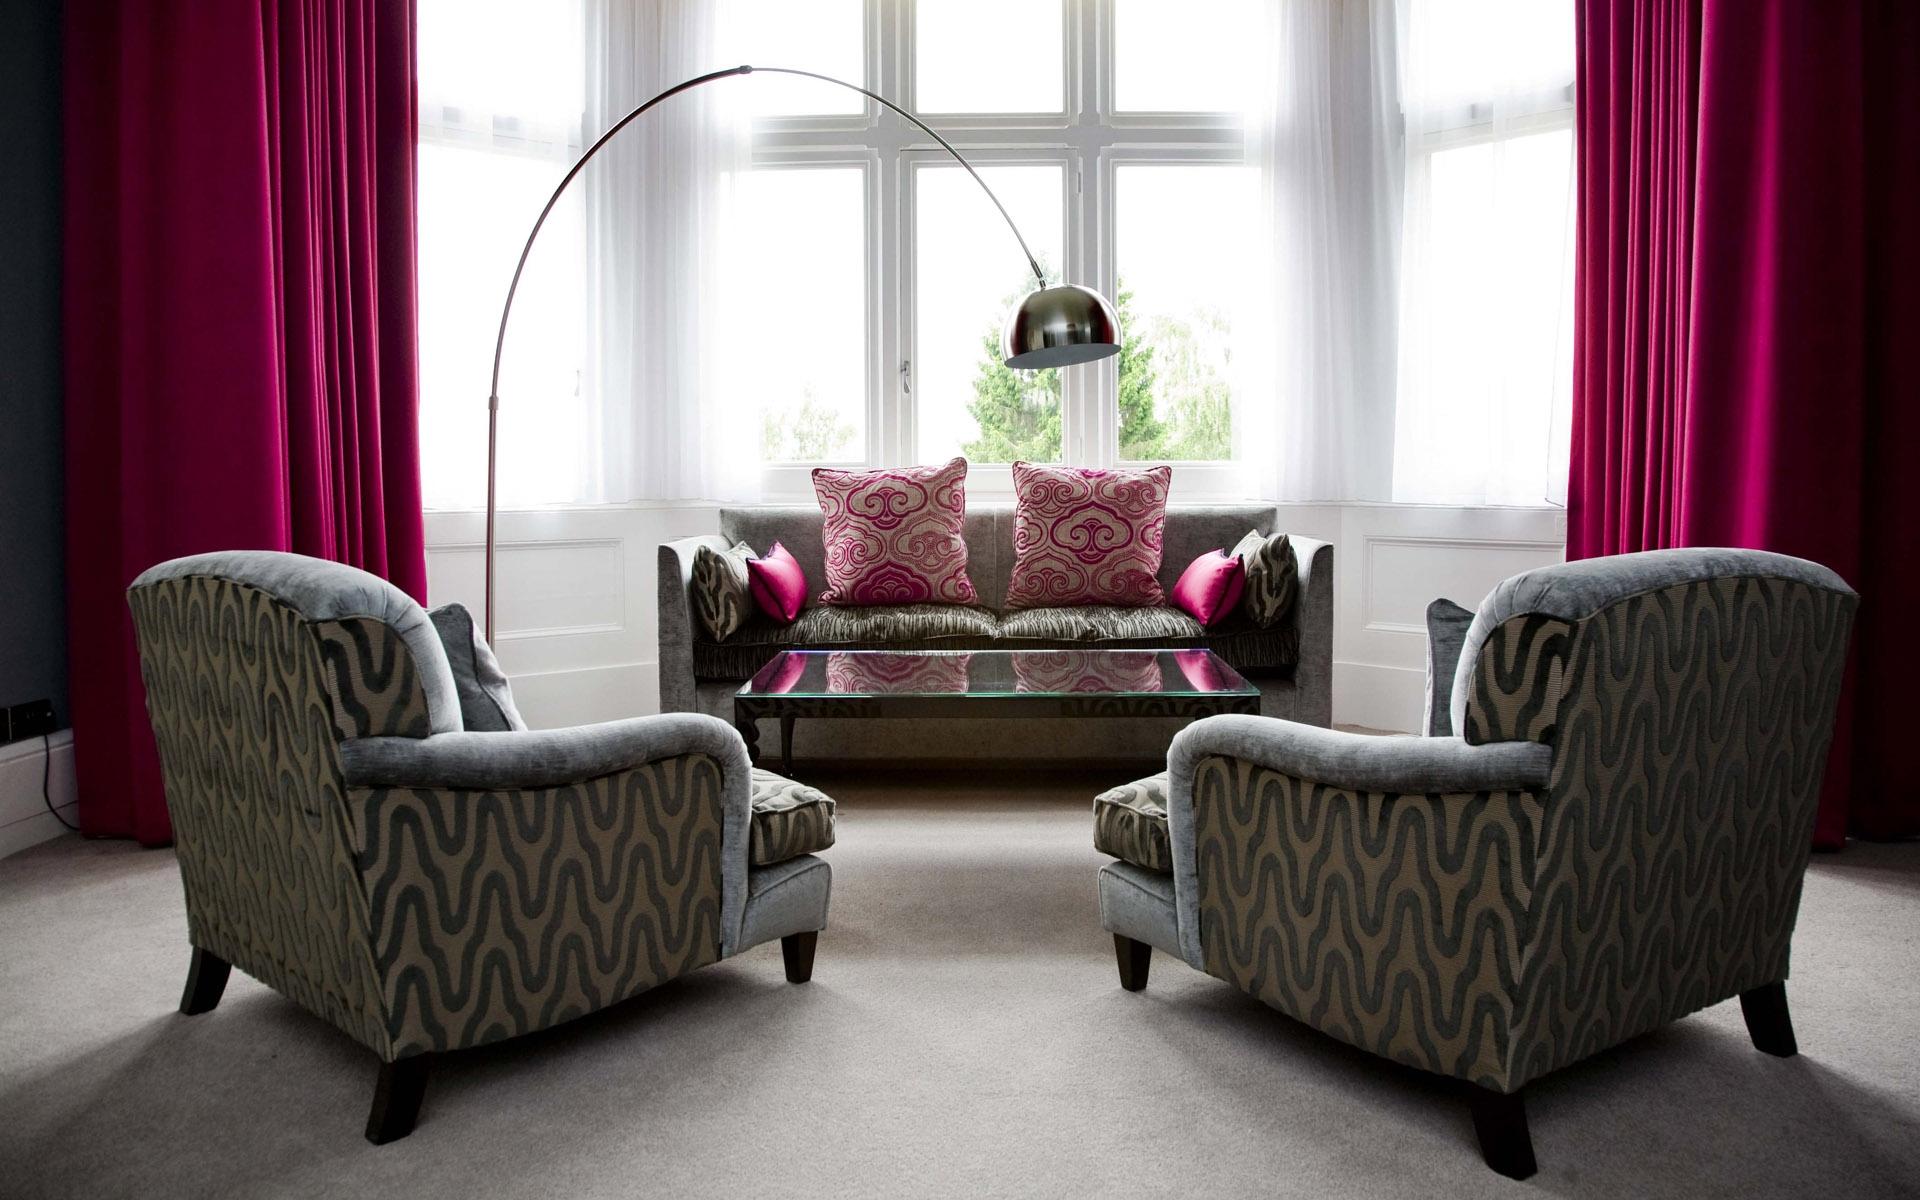 Baggrunde : vindue, værelse, sofa, stol, Indretning, persienner ...